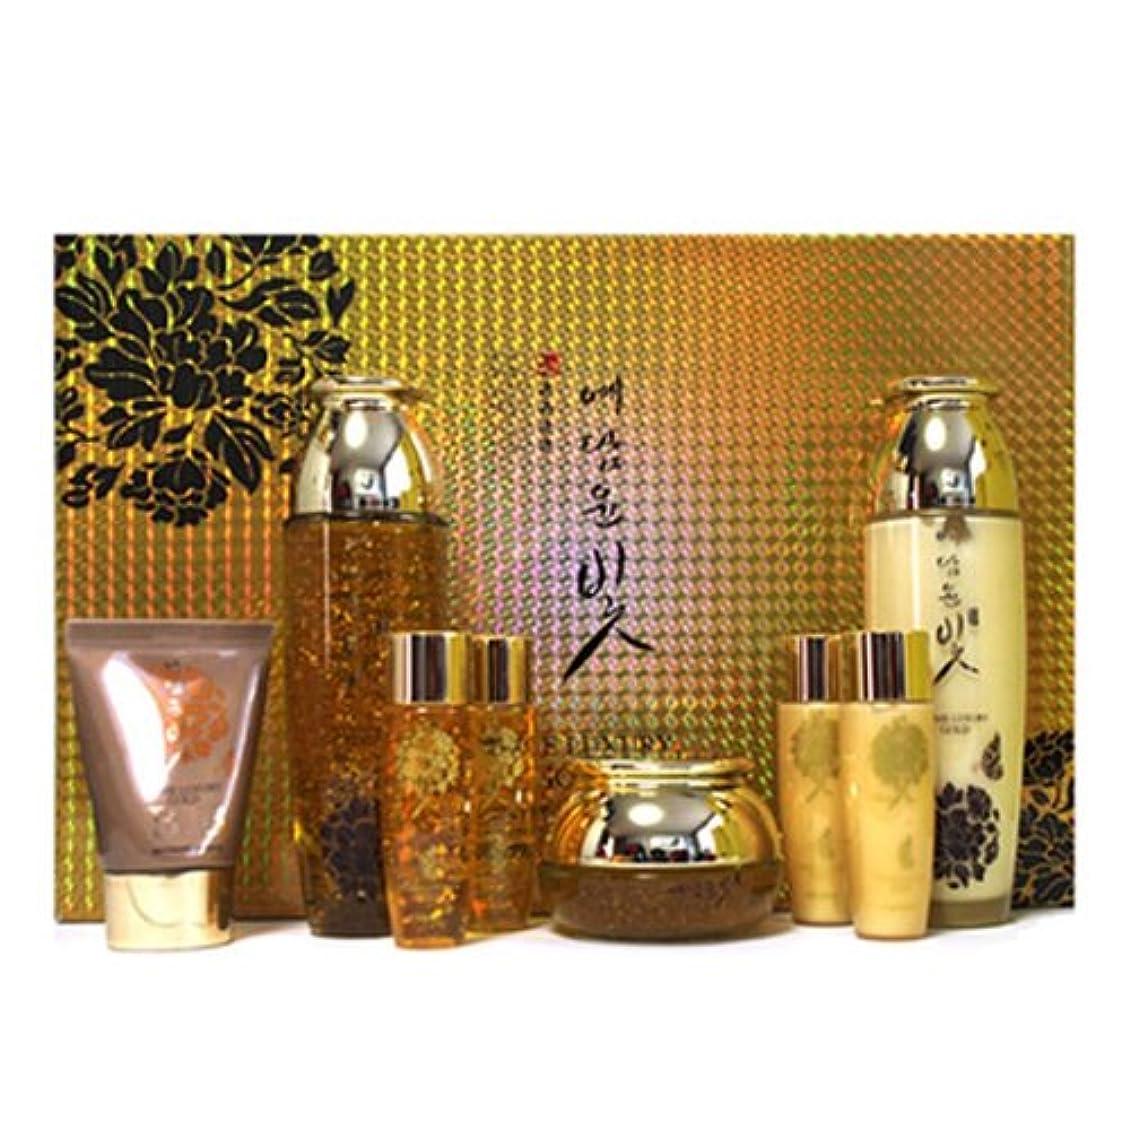 中世の賢いゴルフイェダムユンビト[韓国コスメYedam Yun Bit]Prime Luxury Gold Skin Care Set プライムラグジュアリーゴールドスキンケア4セット 樹液 乳液 クリーム/ BBクリーム [並行輸入品]